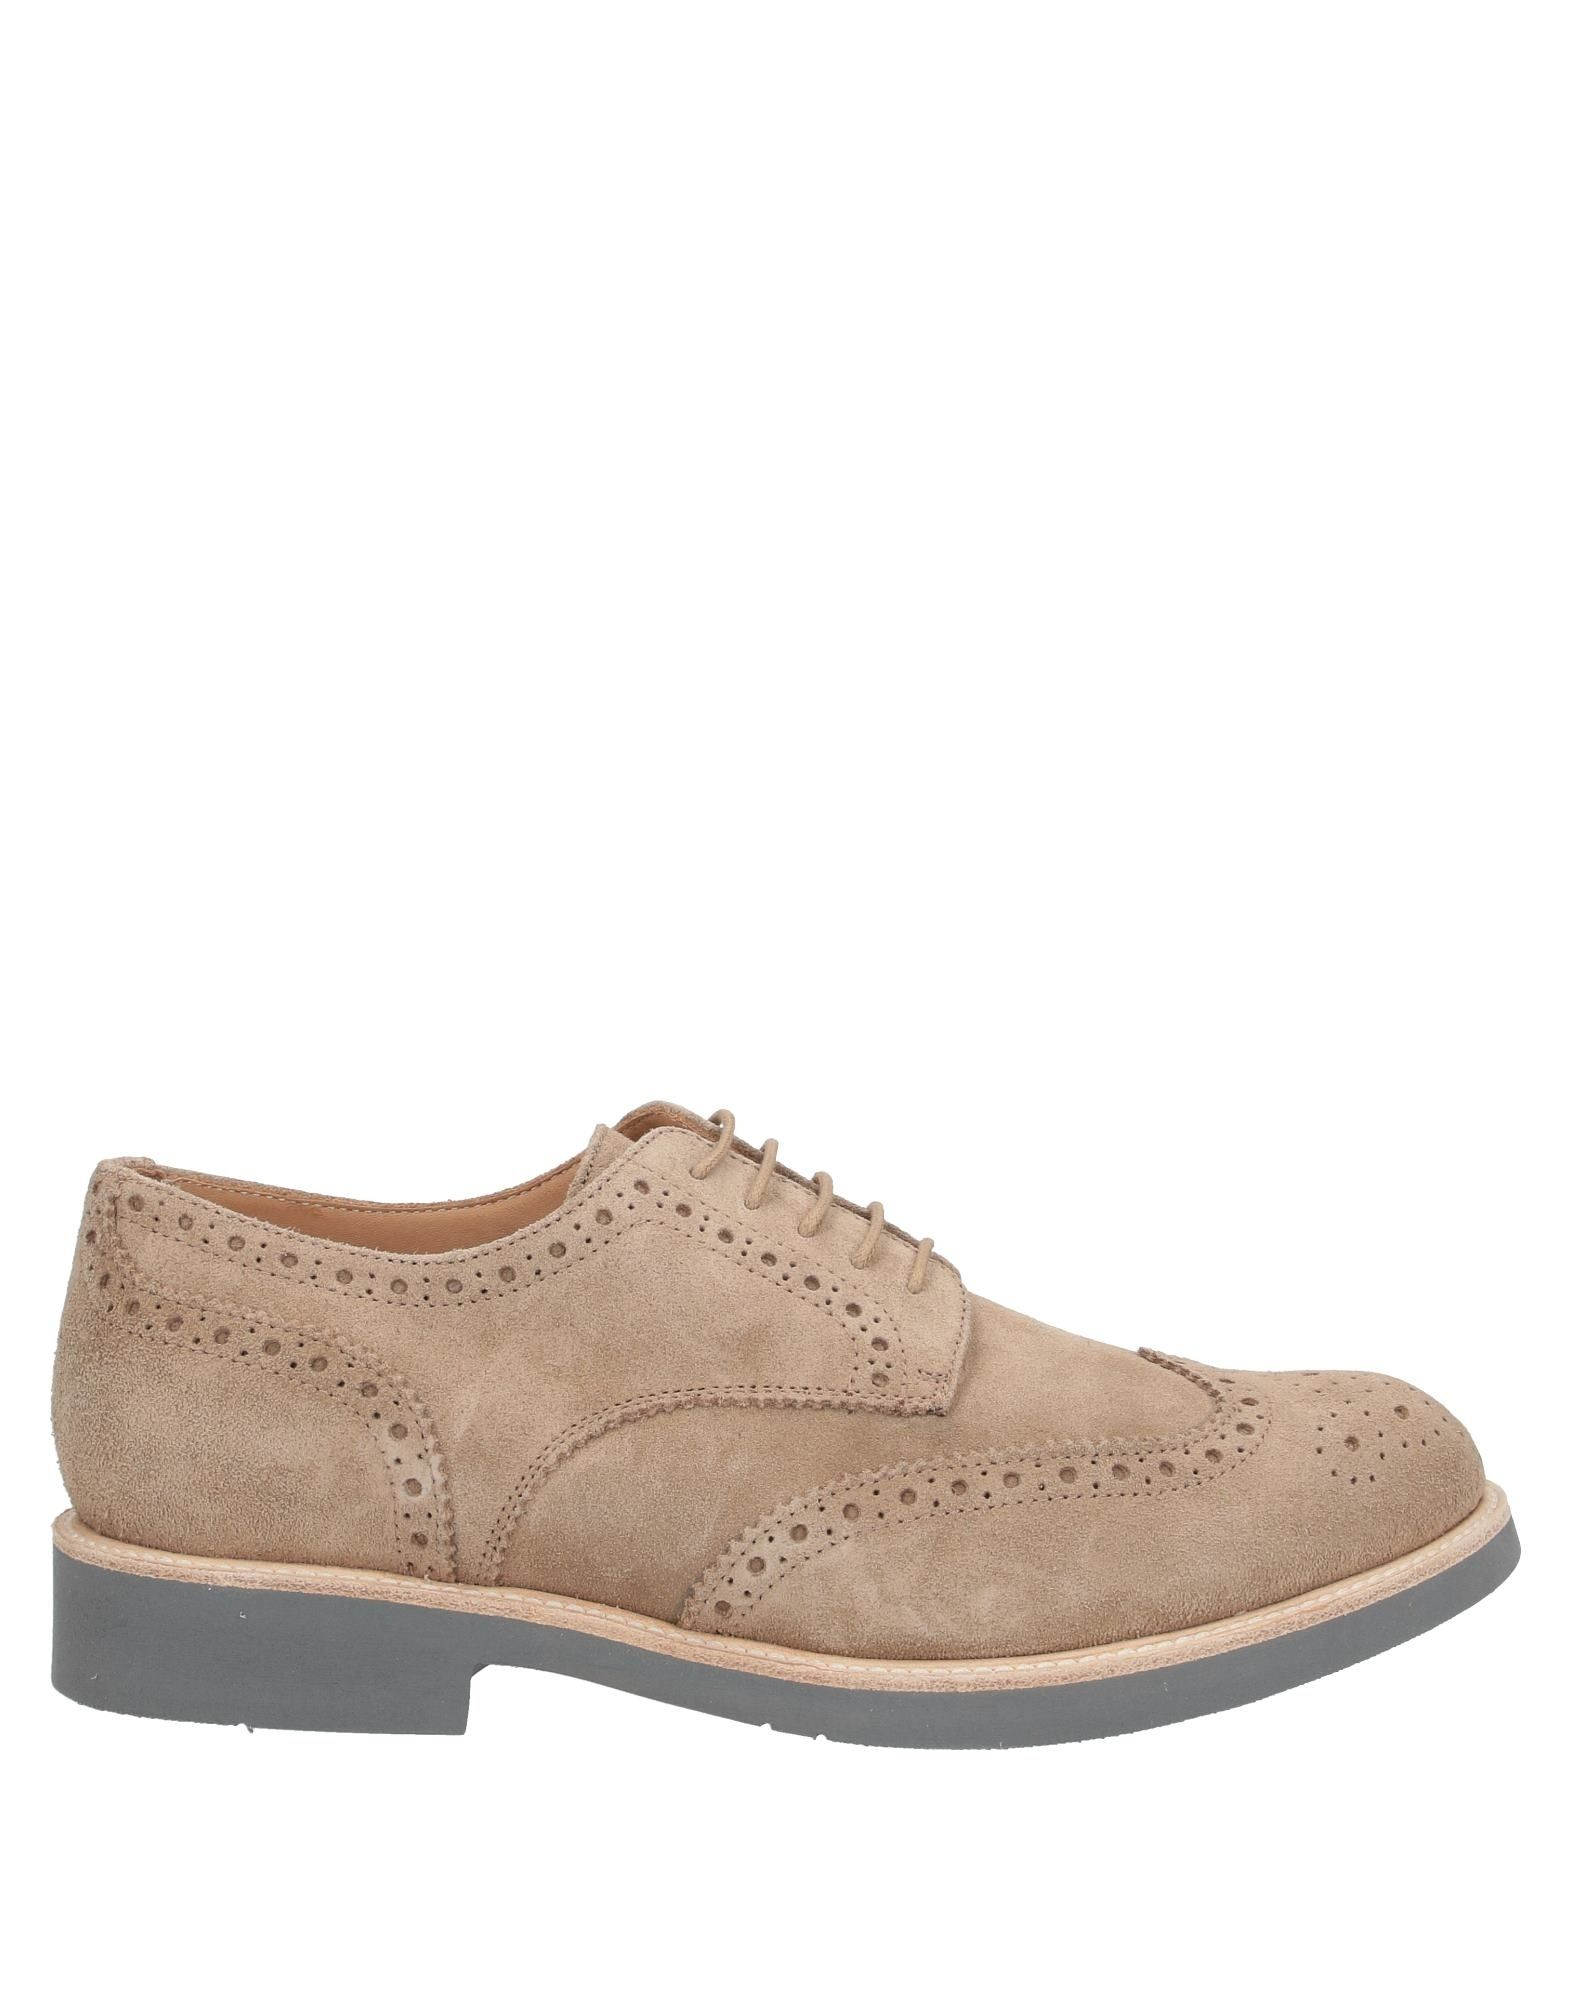 спортивная обувь для мужчин интернет магазин распродажа